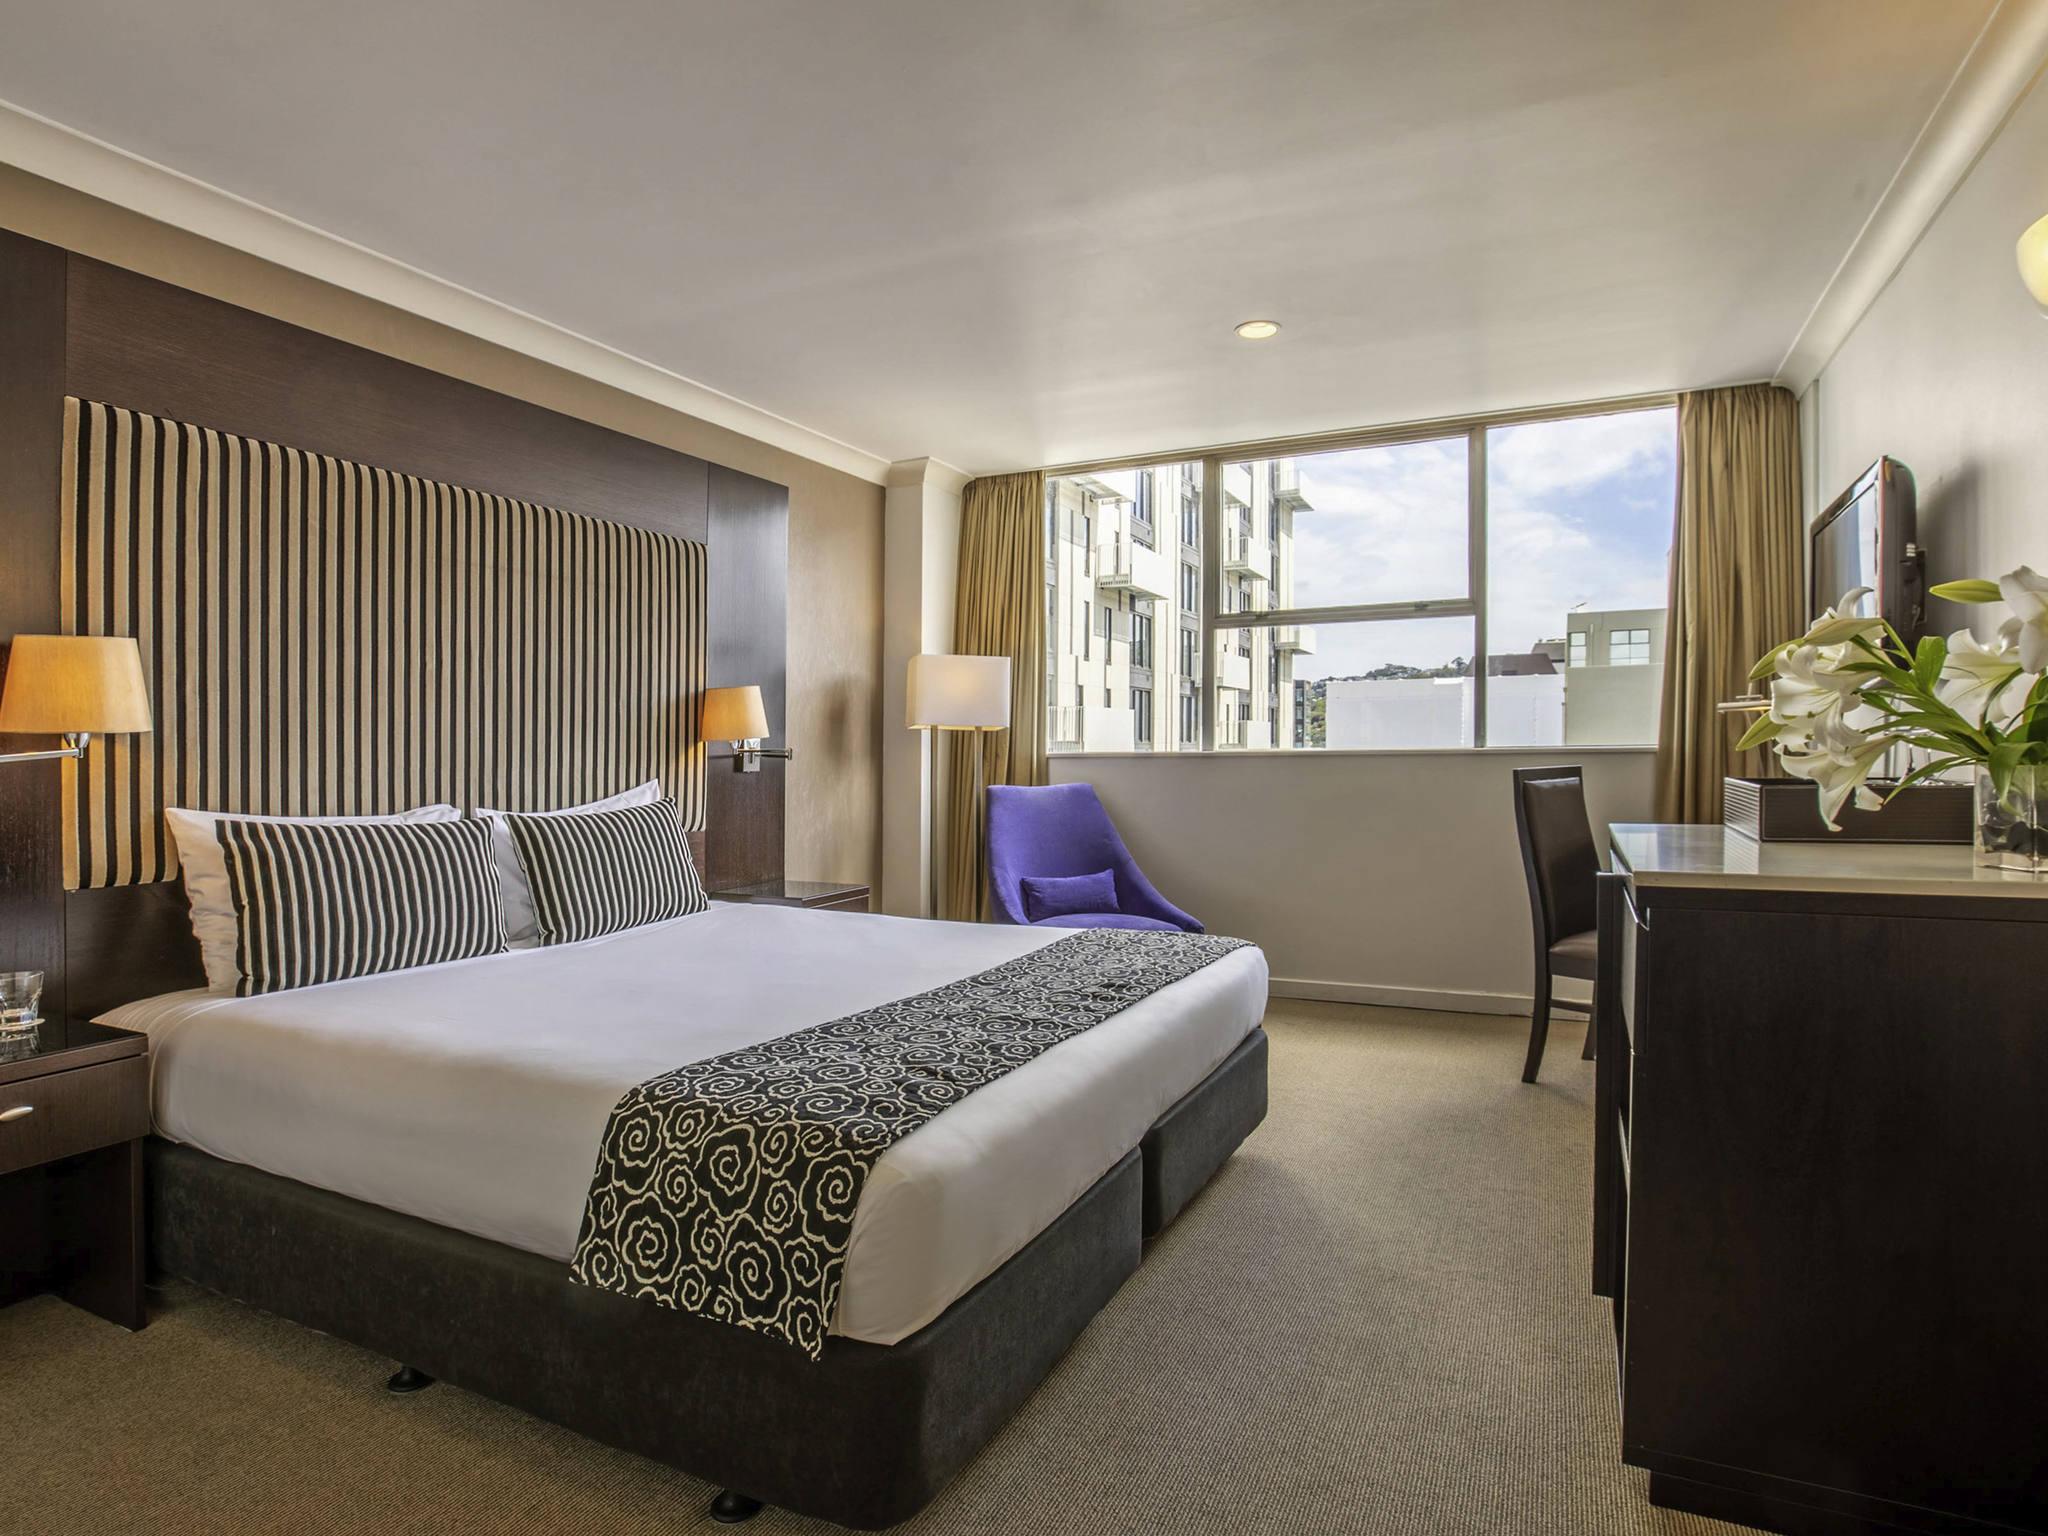 ホテル – メルキュール ウェリントン エイベル タスマン